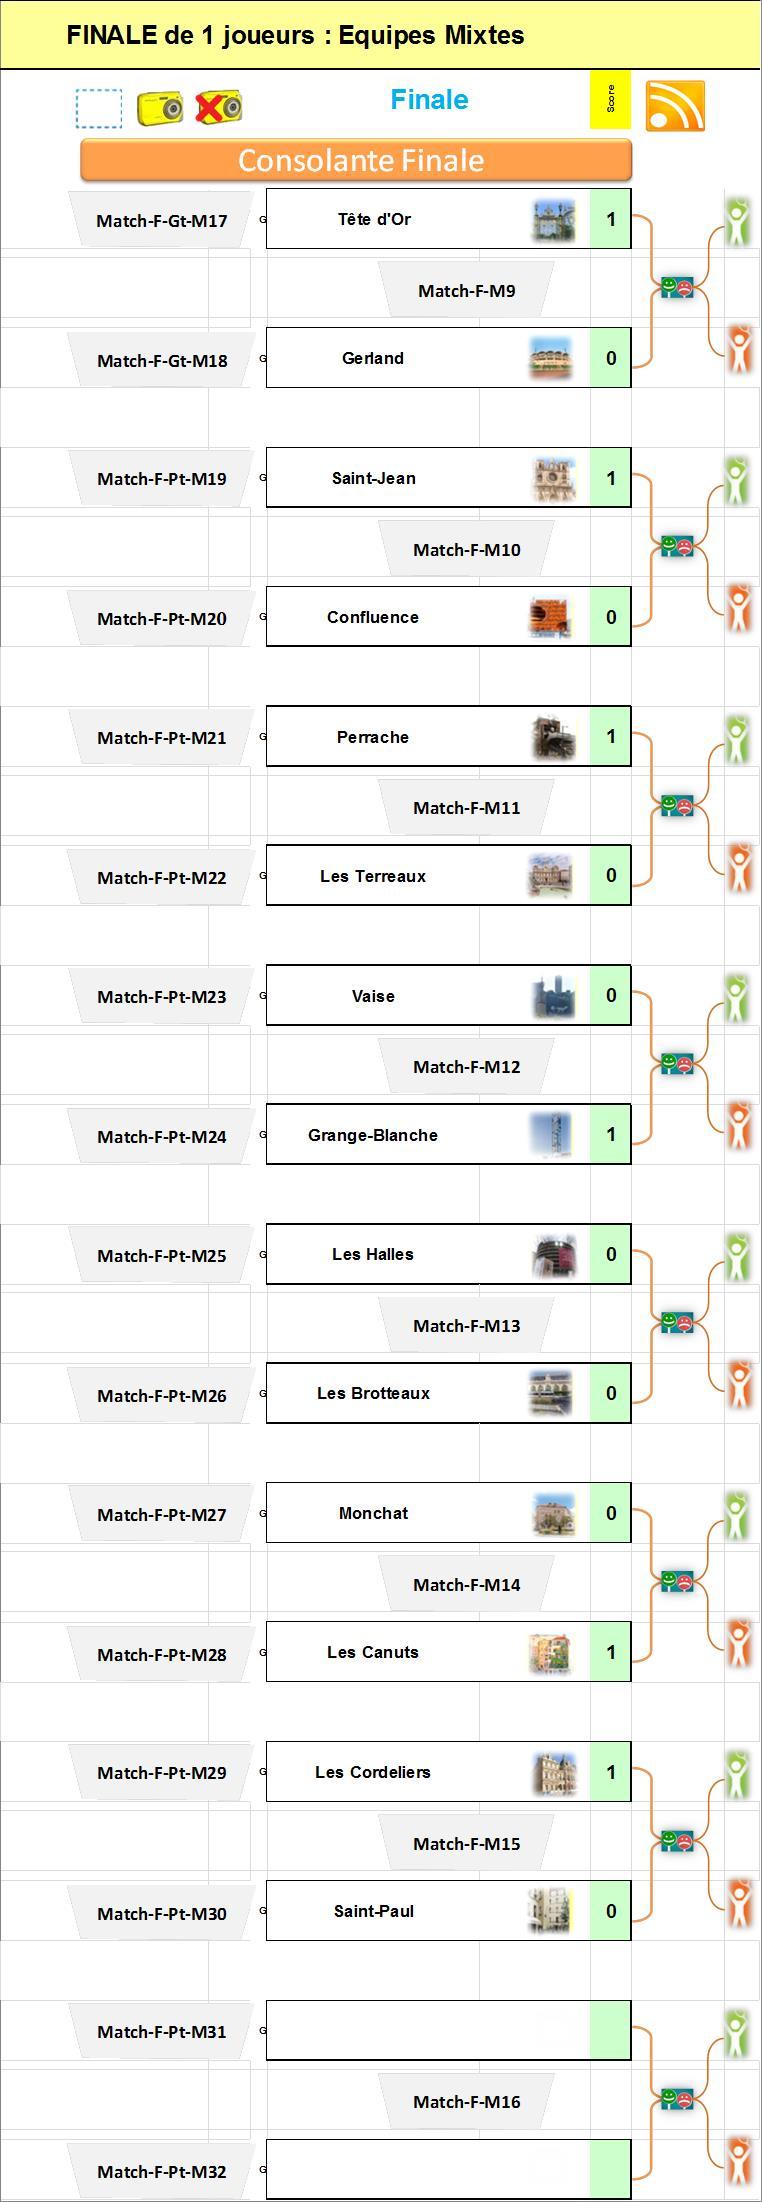 * Si existe : HOMMES - Tableau Consolante Finale Equipes Mixtes : N'est pas disponible...